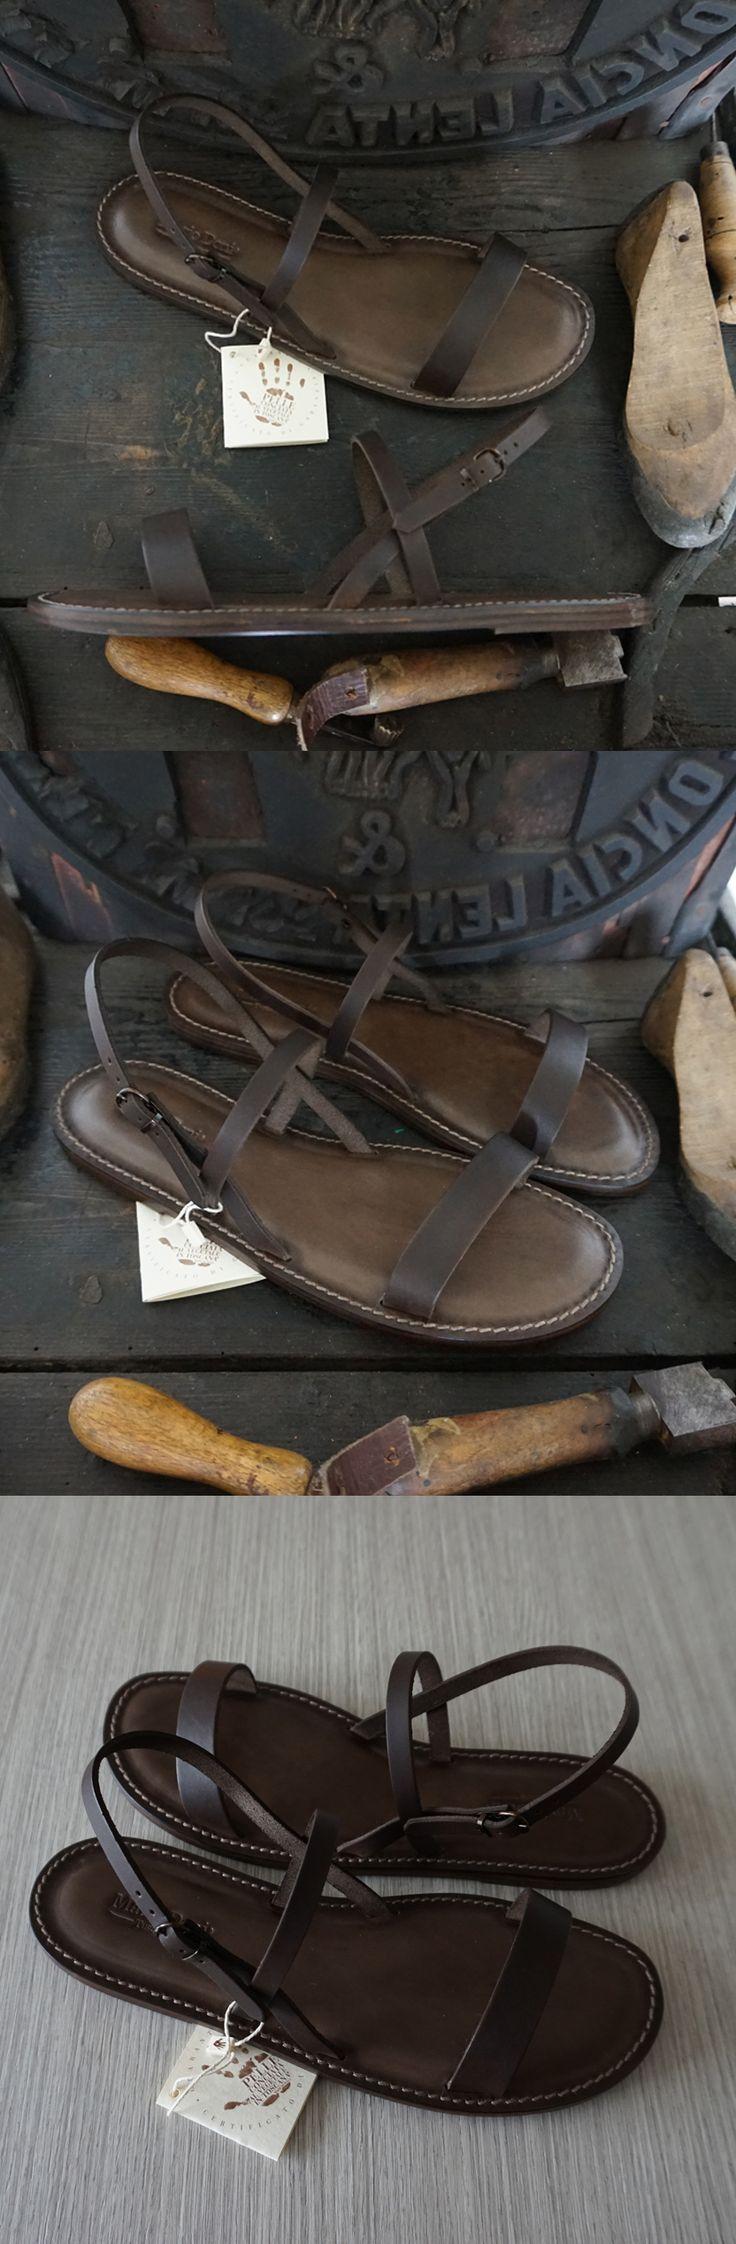 Handcrafted woman Sandals natural tanned leather Sandali Artigianali da Donna in Cuoio e Vera Pelle al Vegetale #sandalicuoio #mariodoni #artigianali #cacao #pellealvegetale